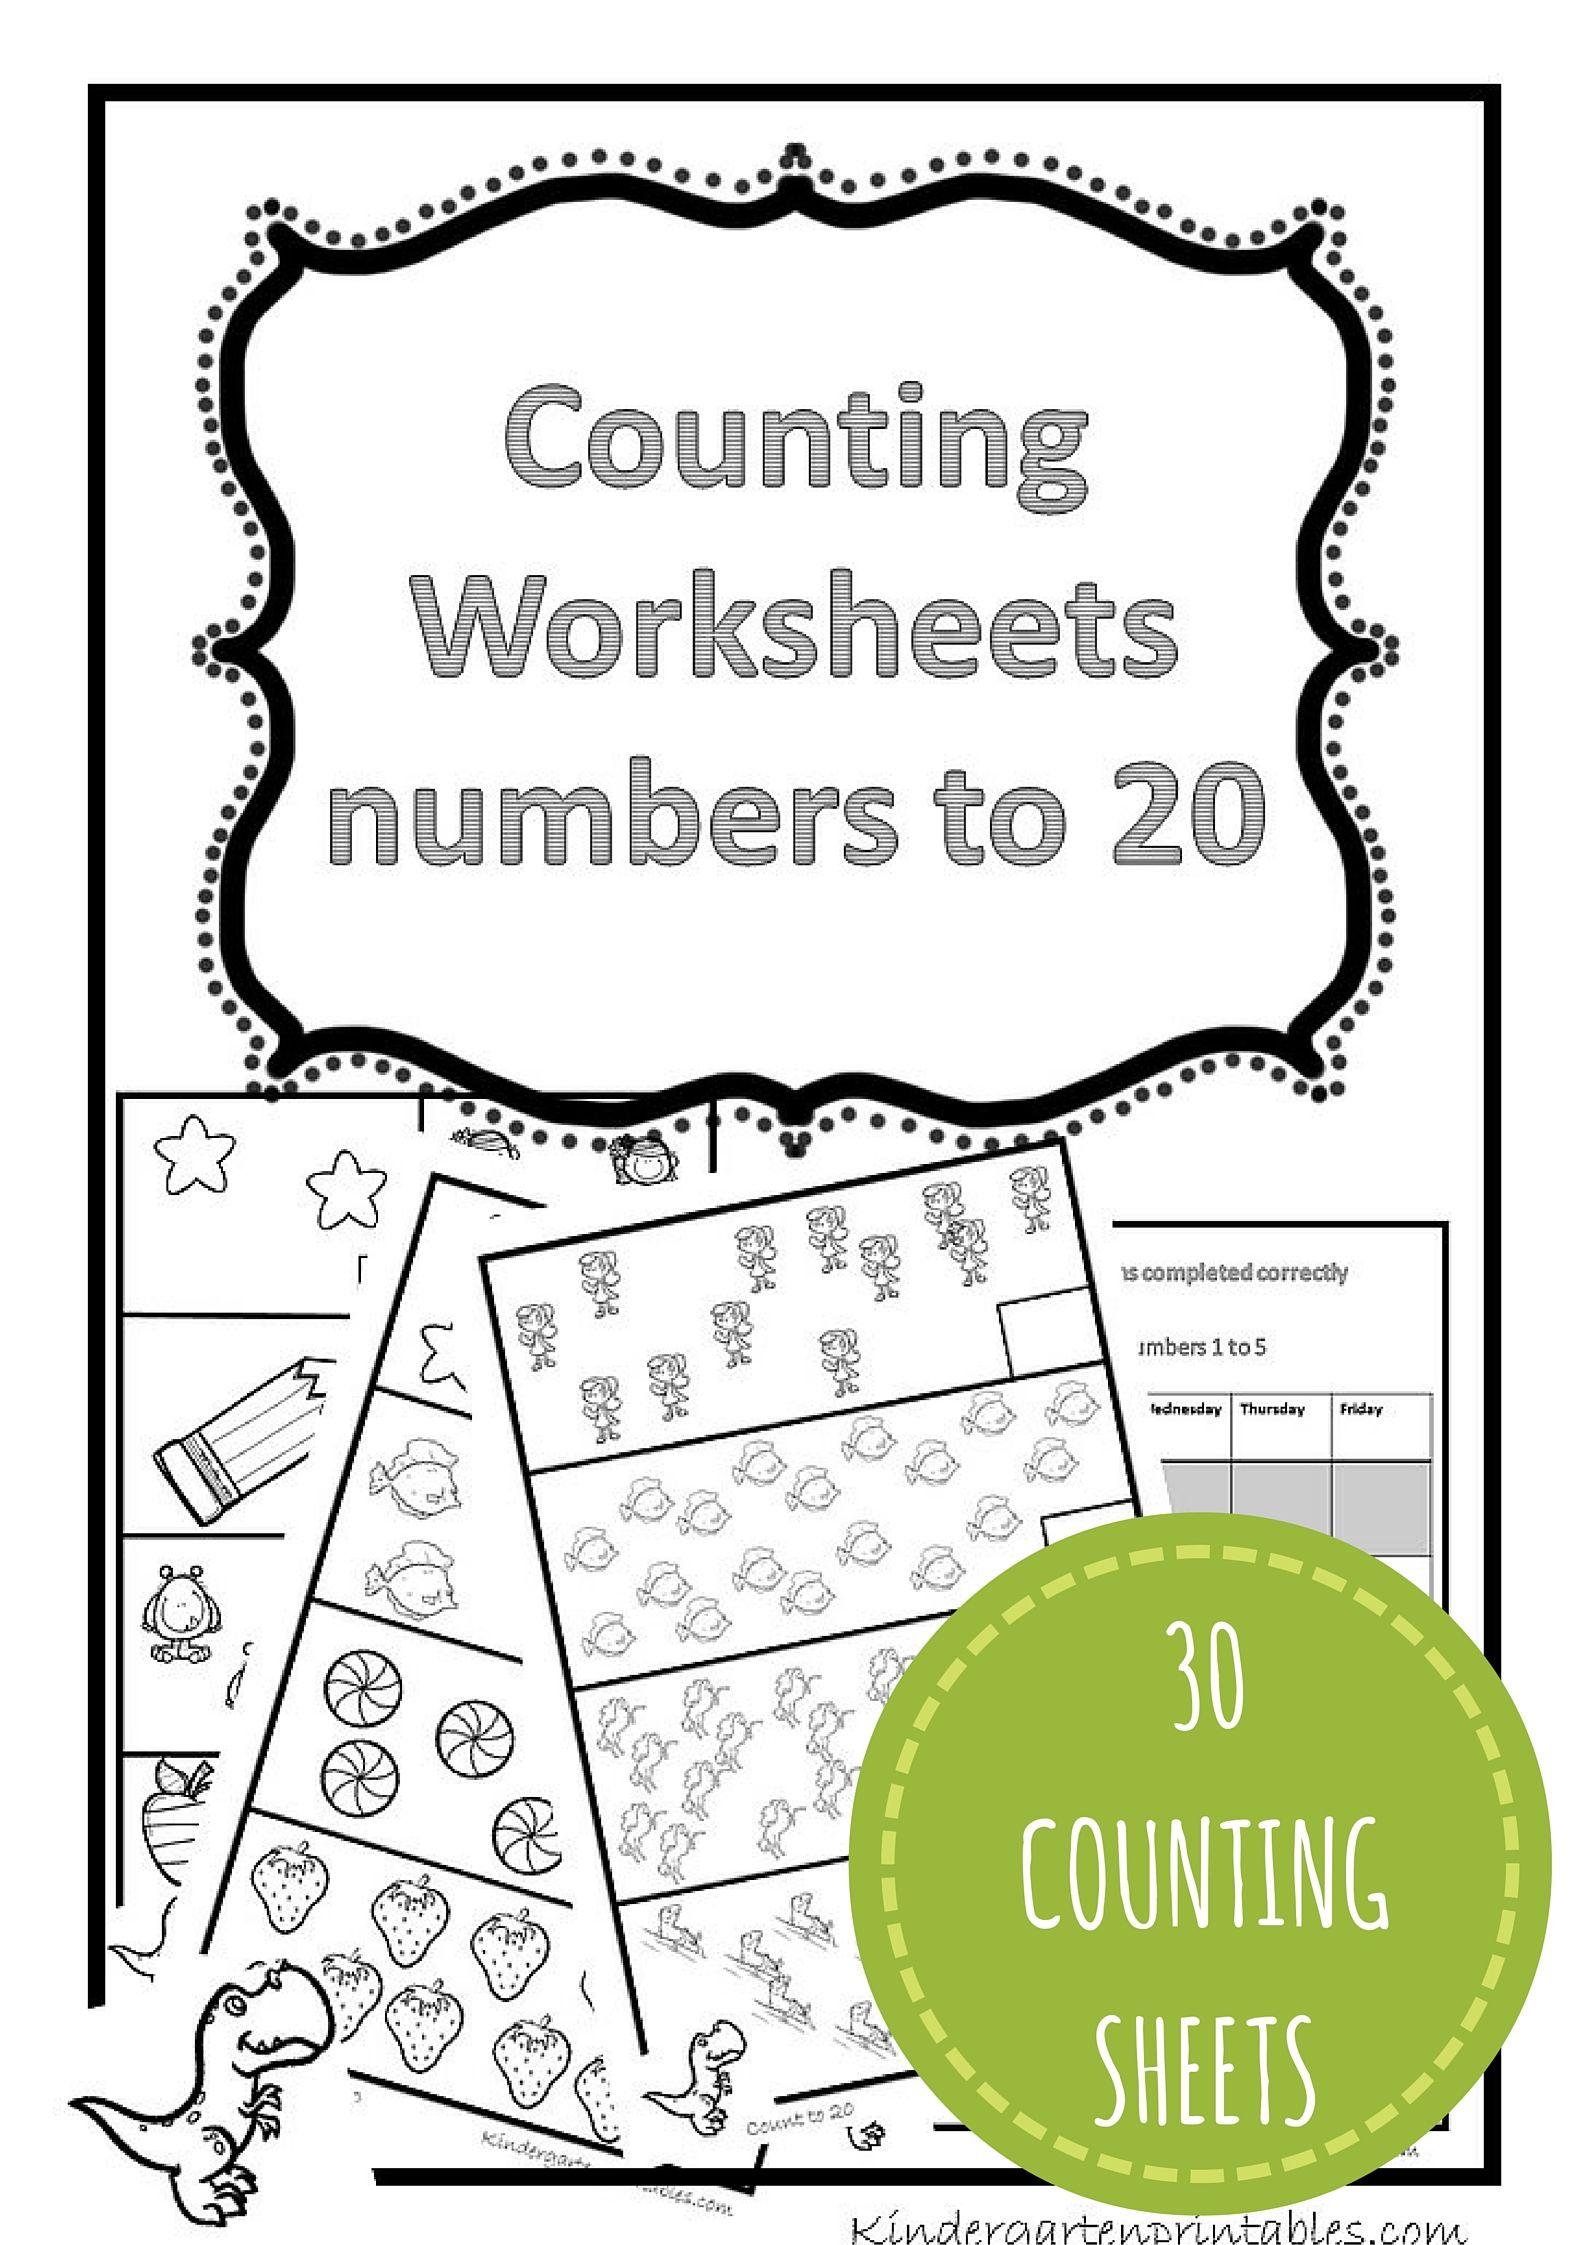 Counting Worksheets 1-20 Free Printable Workbook Counting Worksheets | Free Printable Counting Worksheets 1 20